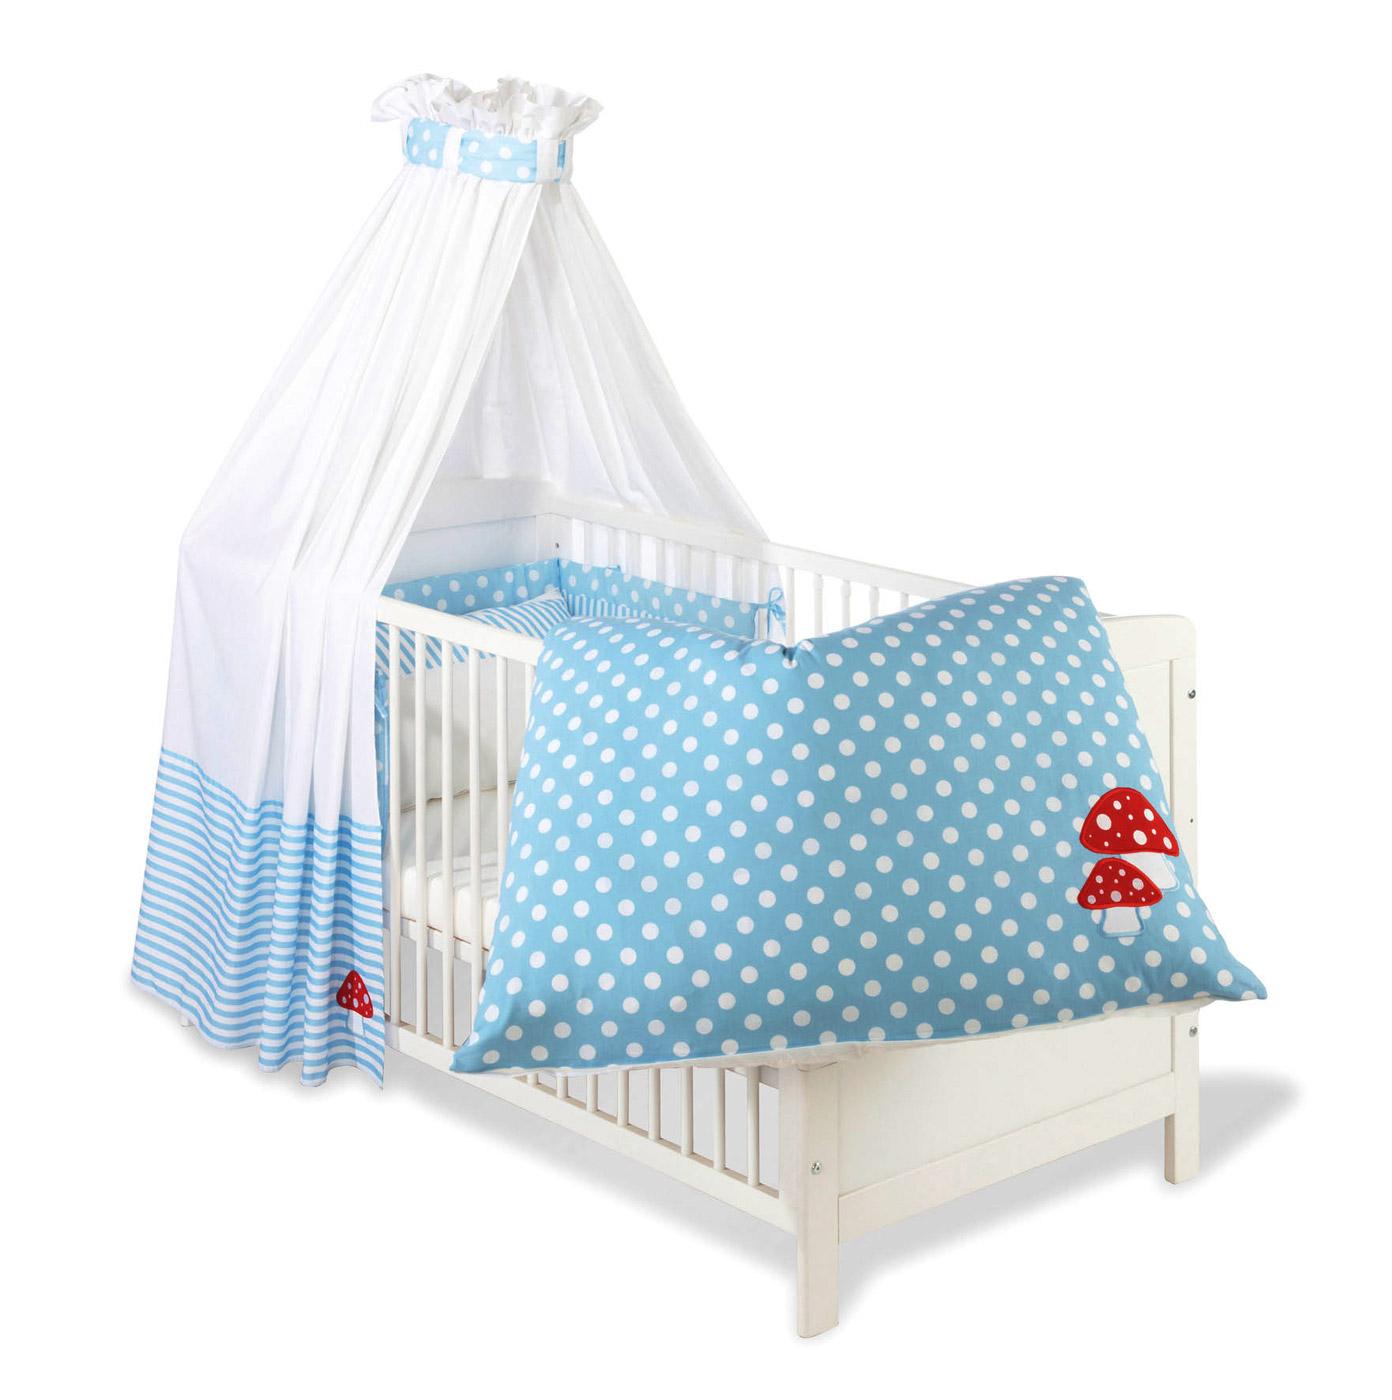 betthimmel und nestchen gl ckspilz hellblau blauer stoff mit pilz. Black Bedroom Furniture Sets. Home Design Ideas